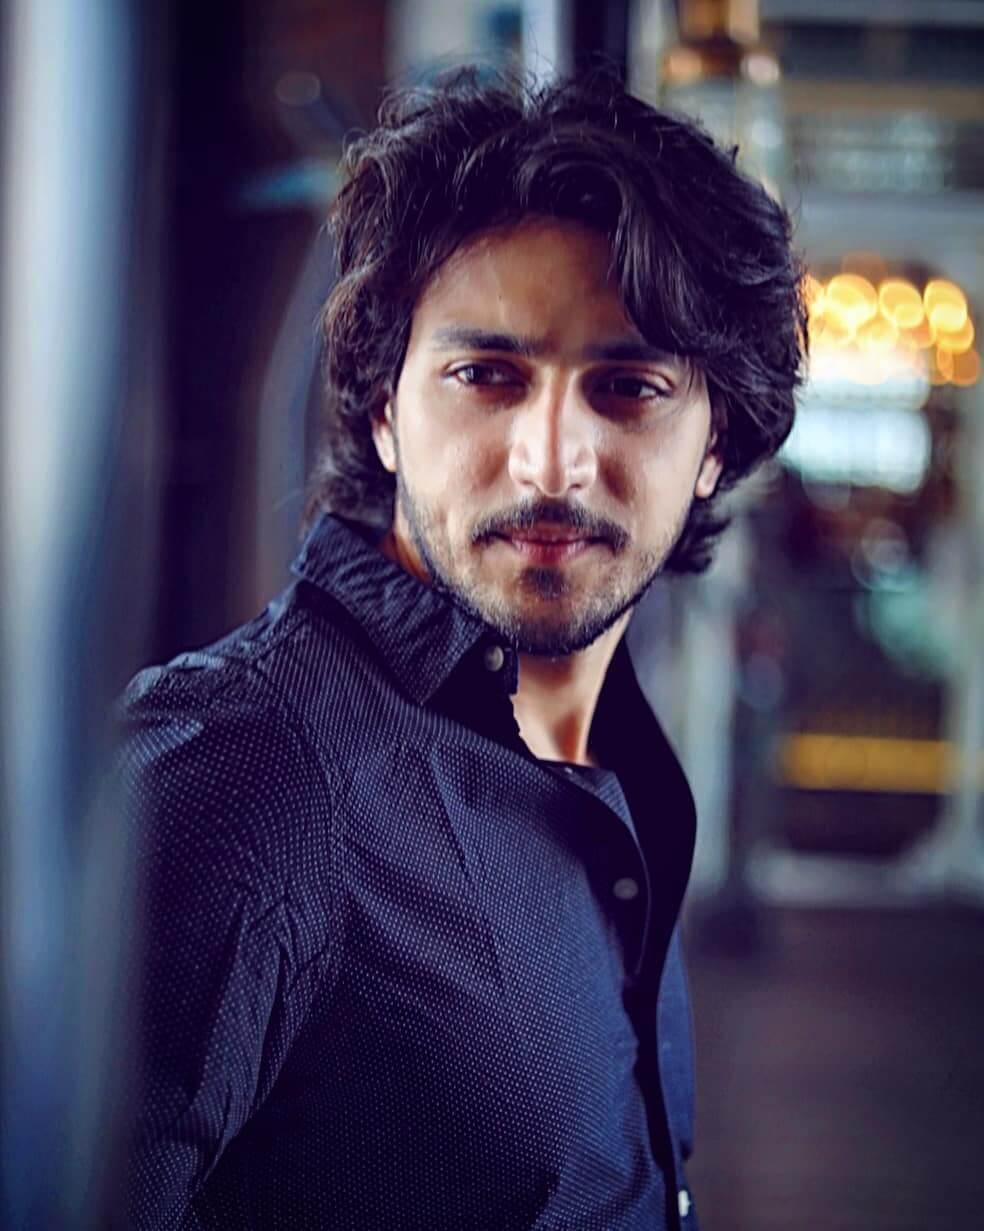 kinshuk vaidya actor